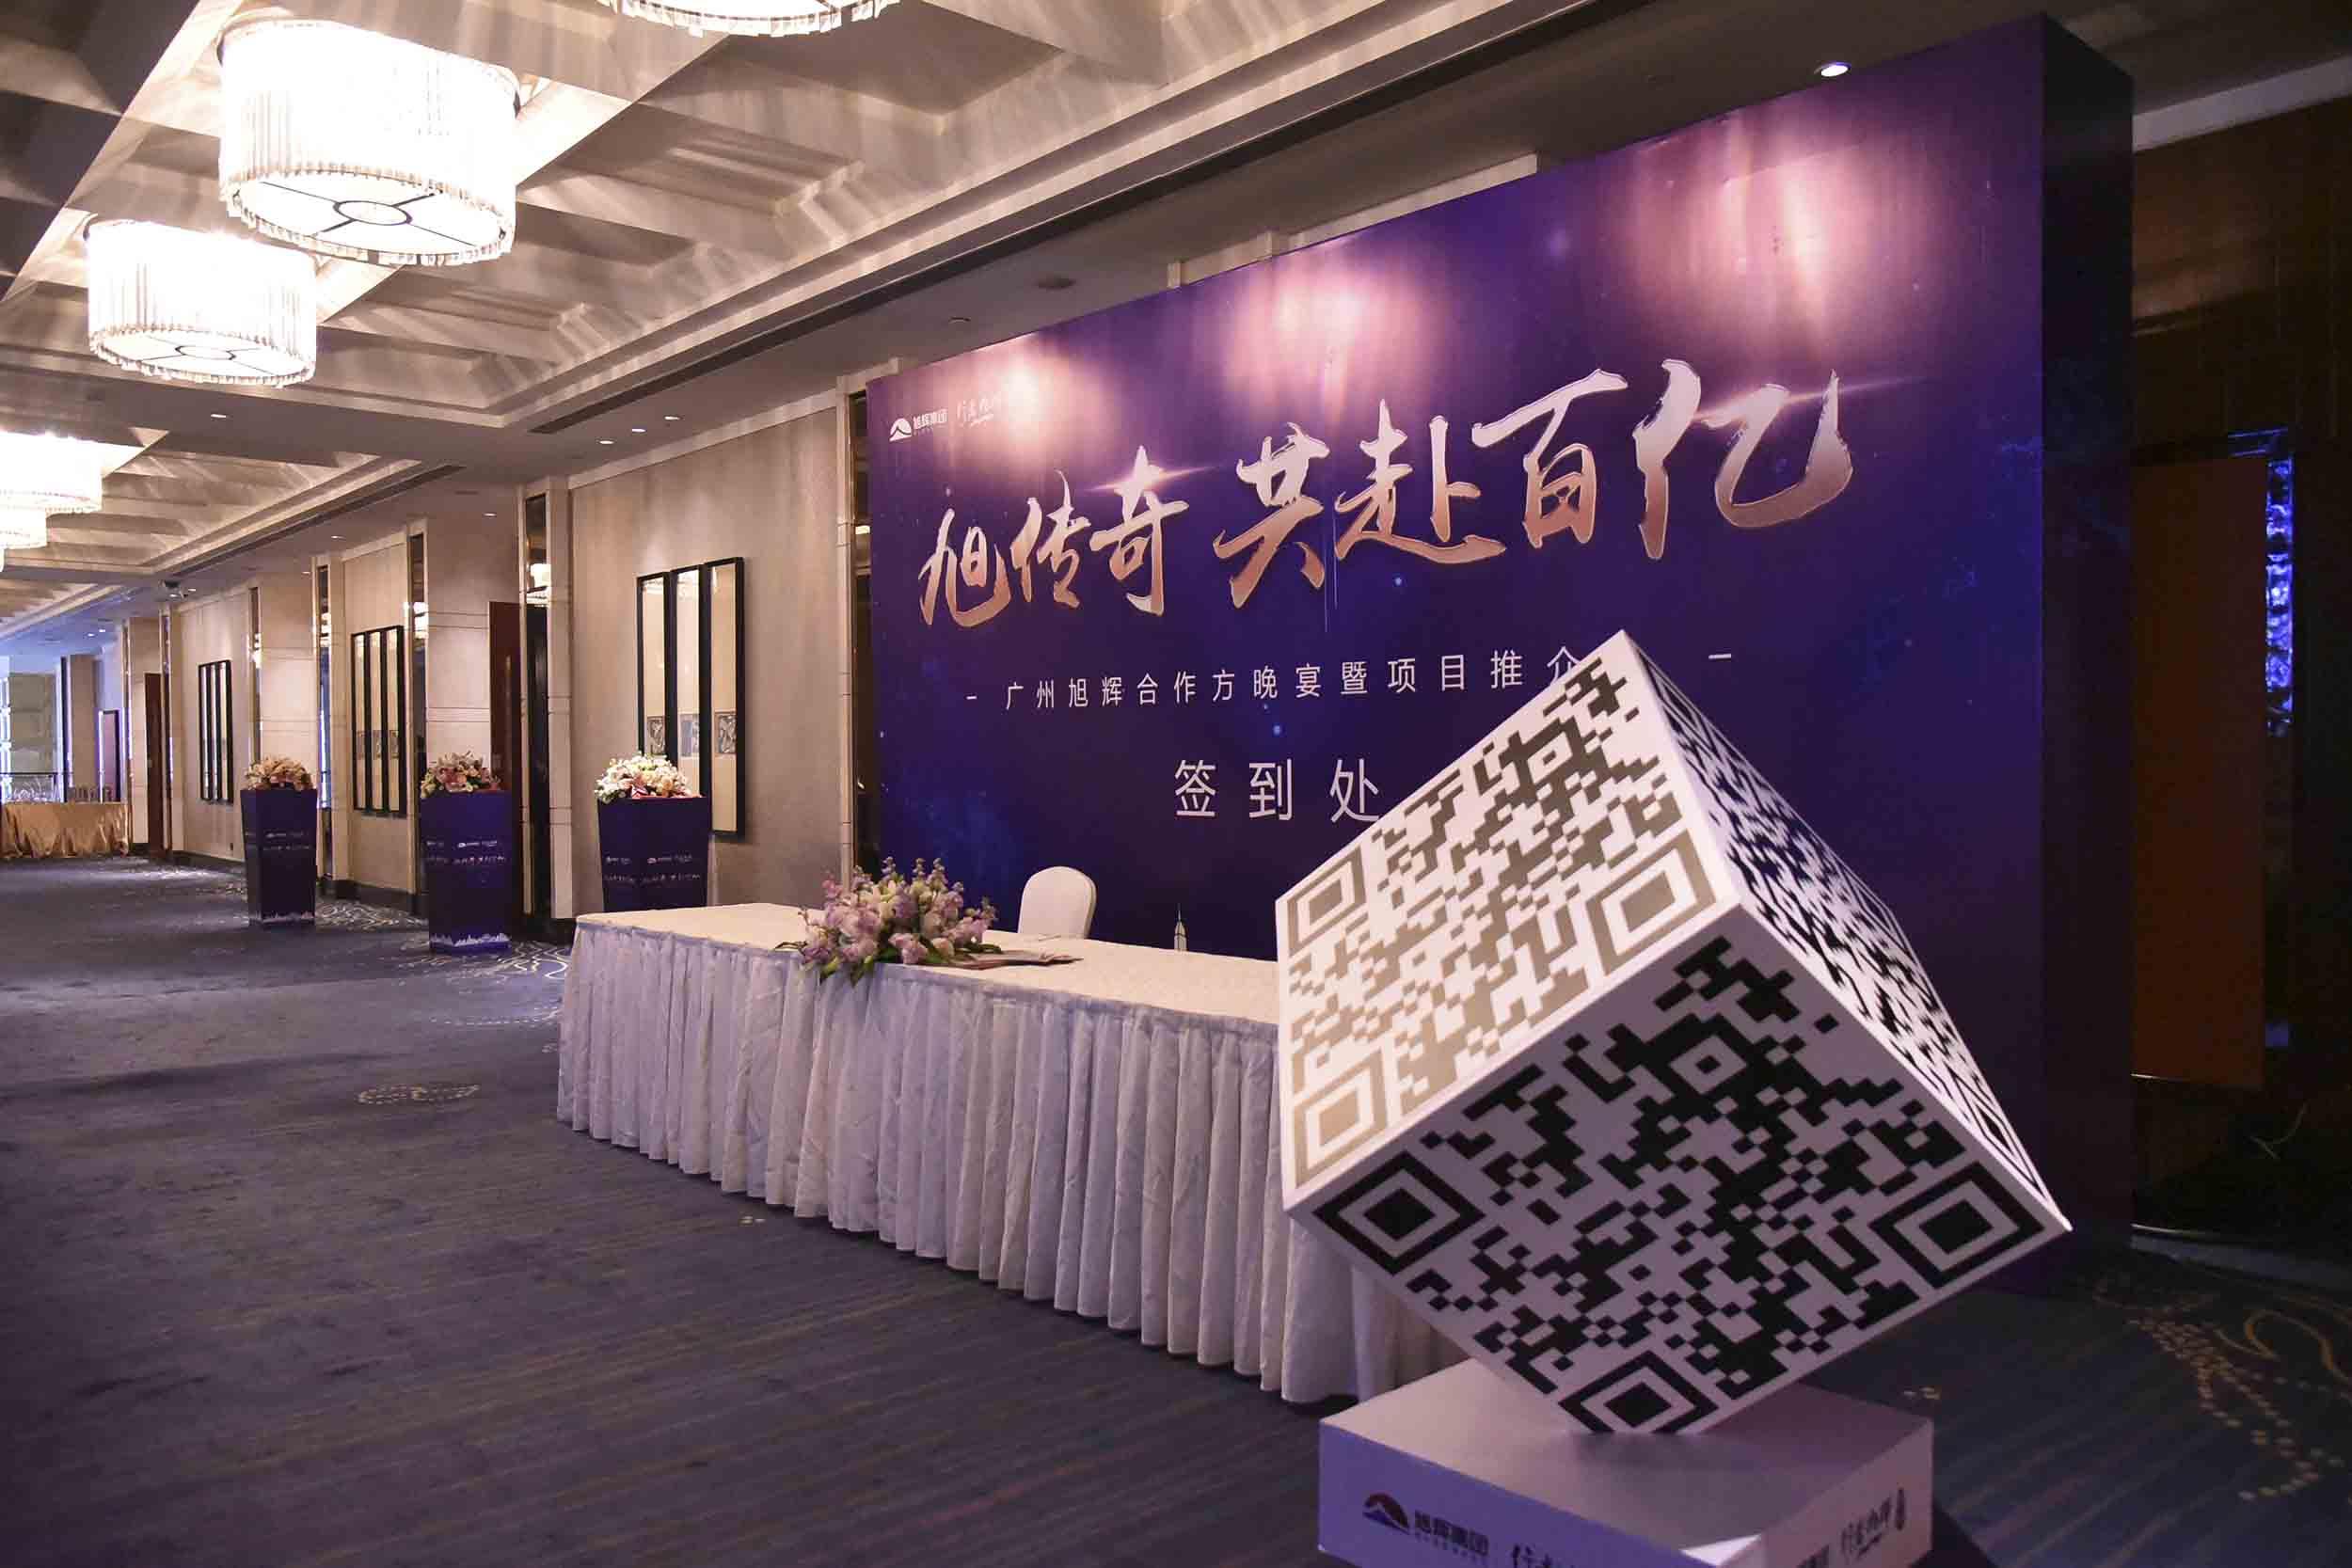 广州哪家活动策划公司可靠 商务活动策划方案